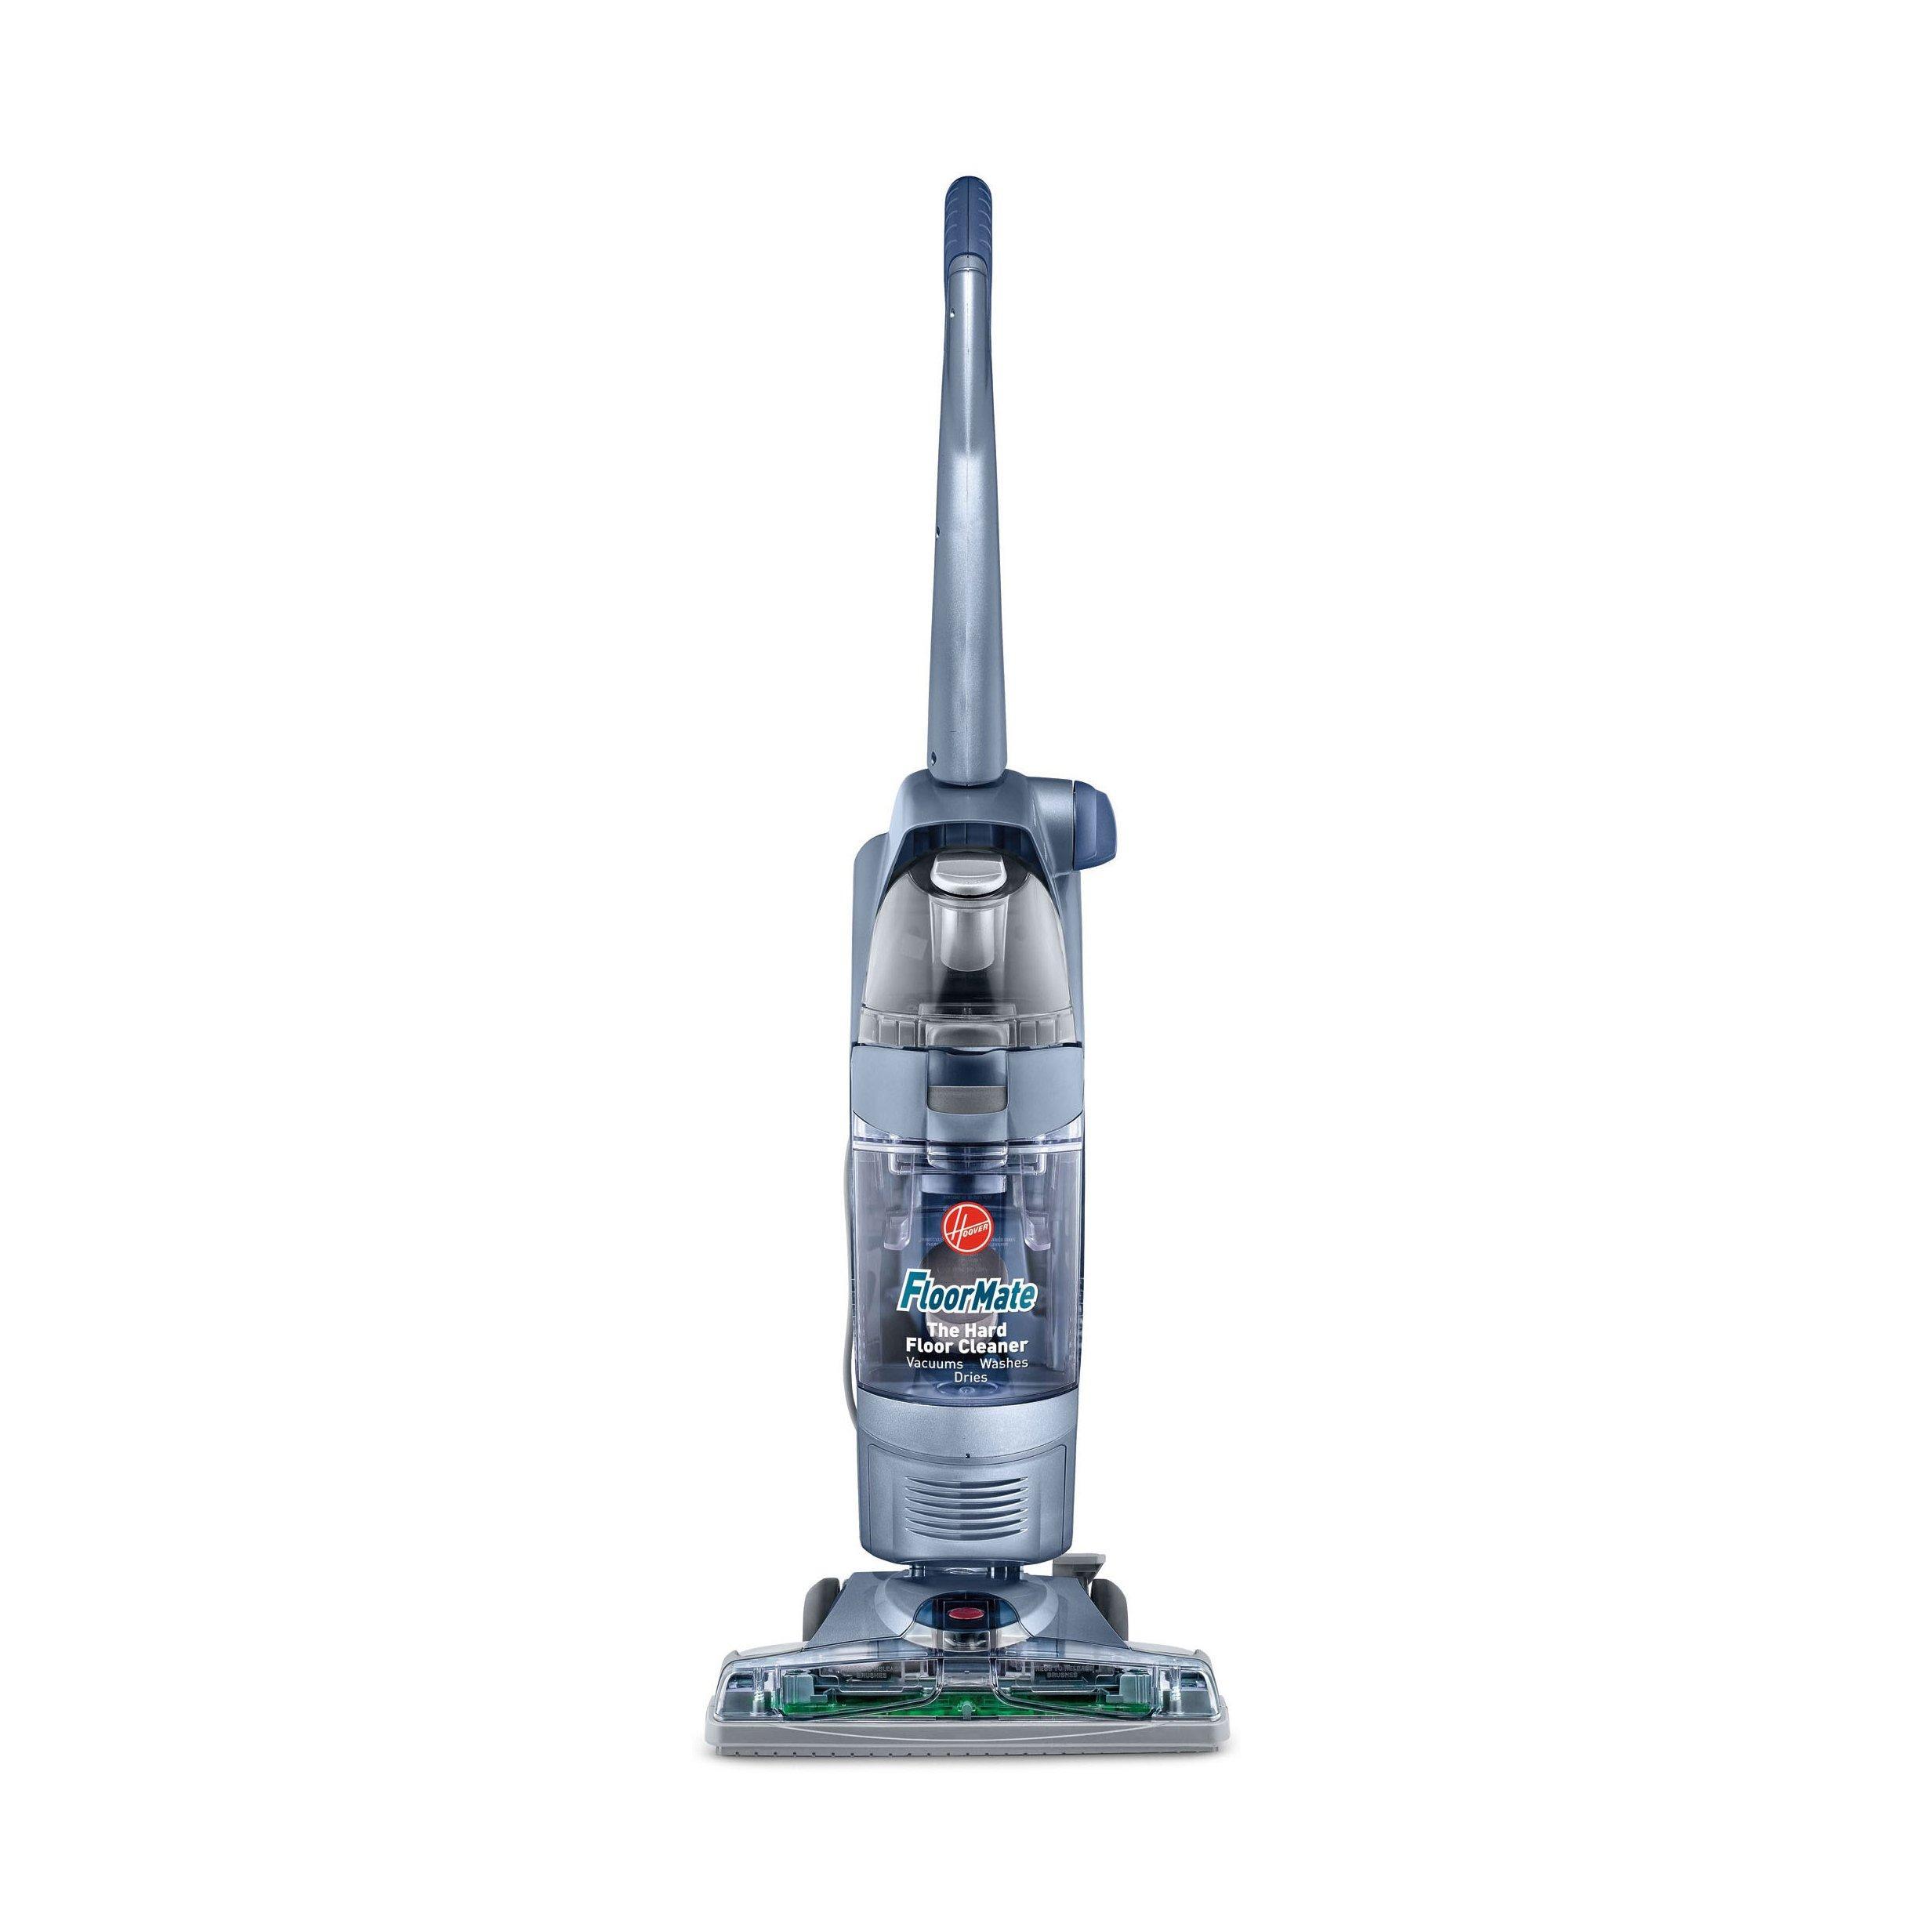 Reconditioned FloorMate Hard Floor Cleaner